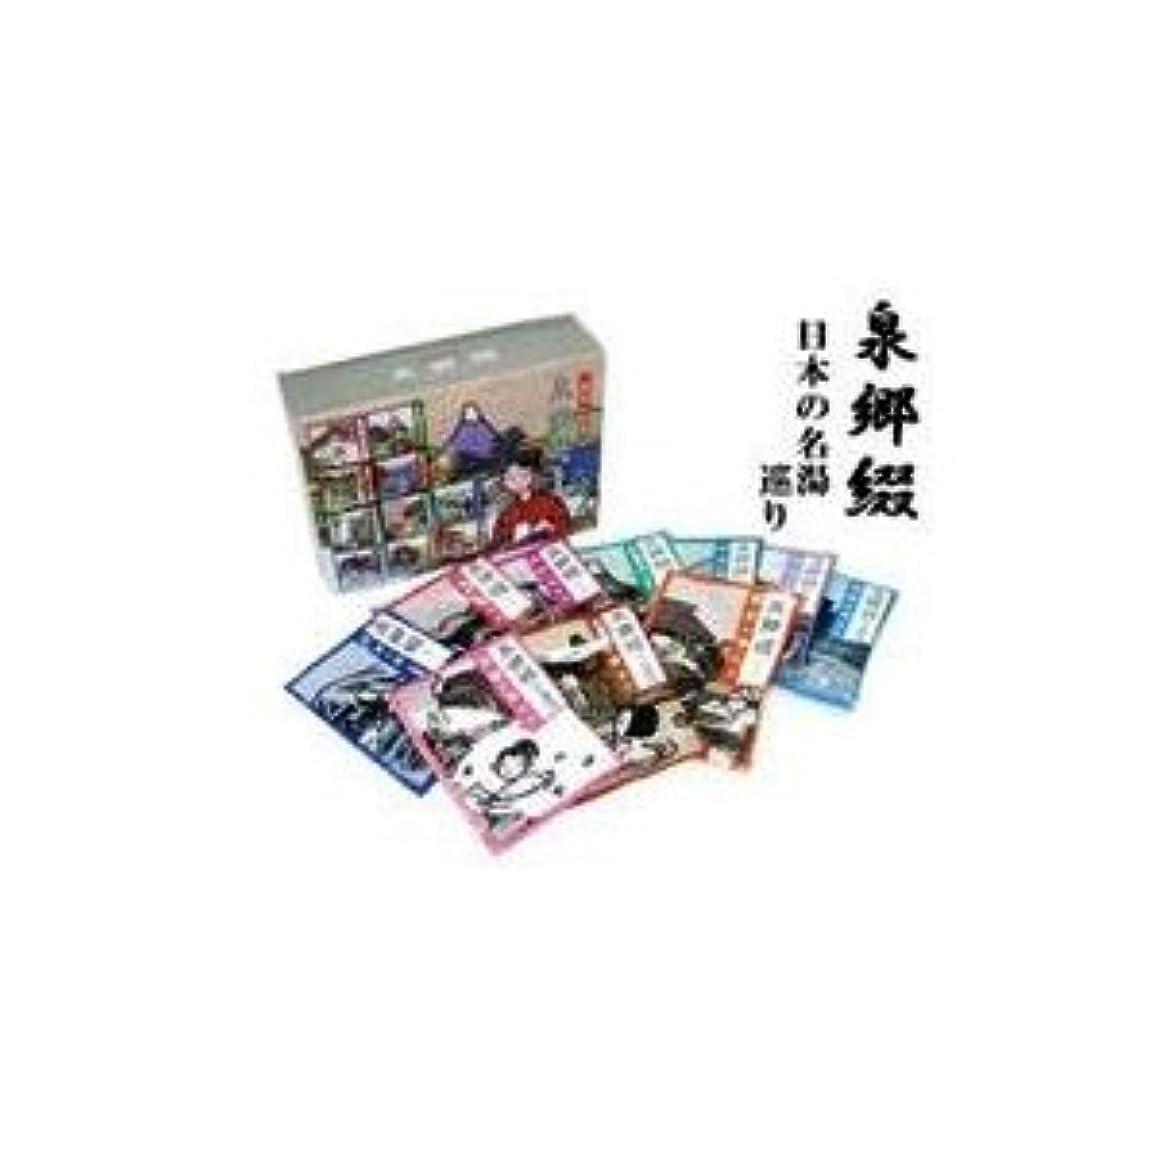 告白サークル宿る入浴剤 泉郷綴<日本の名湯巡り>(10包入り)日本を代表する温泉10ヶ所の入浴剤(3セット)